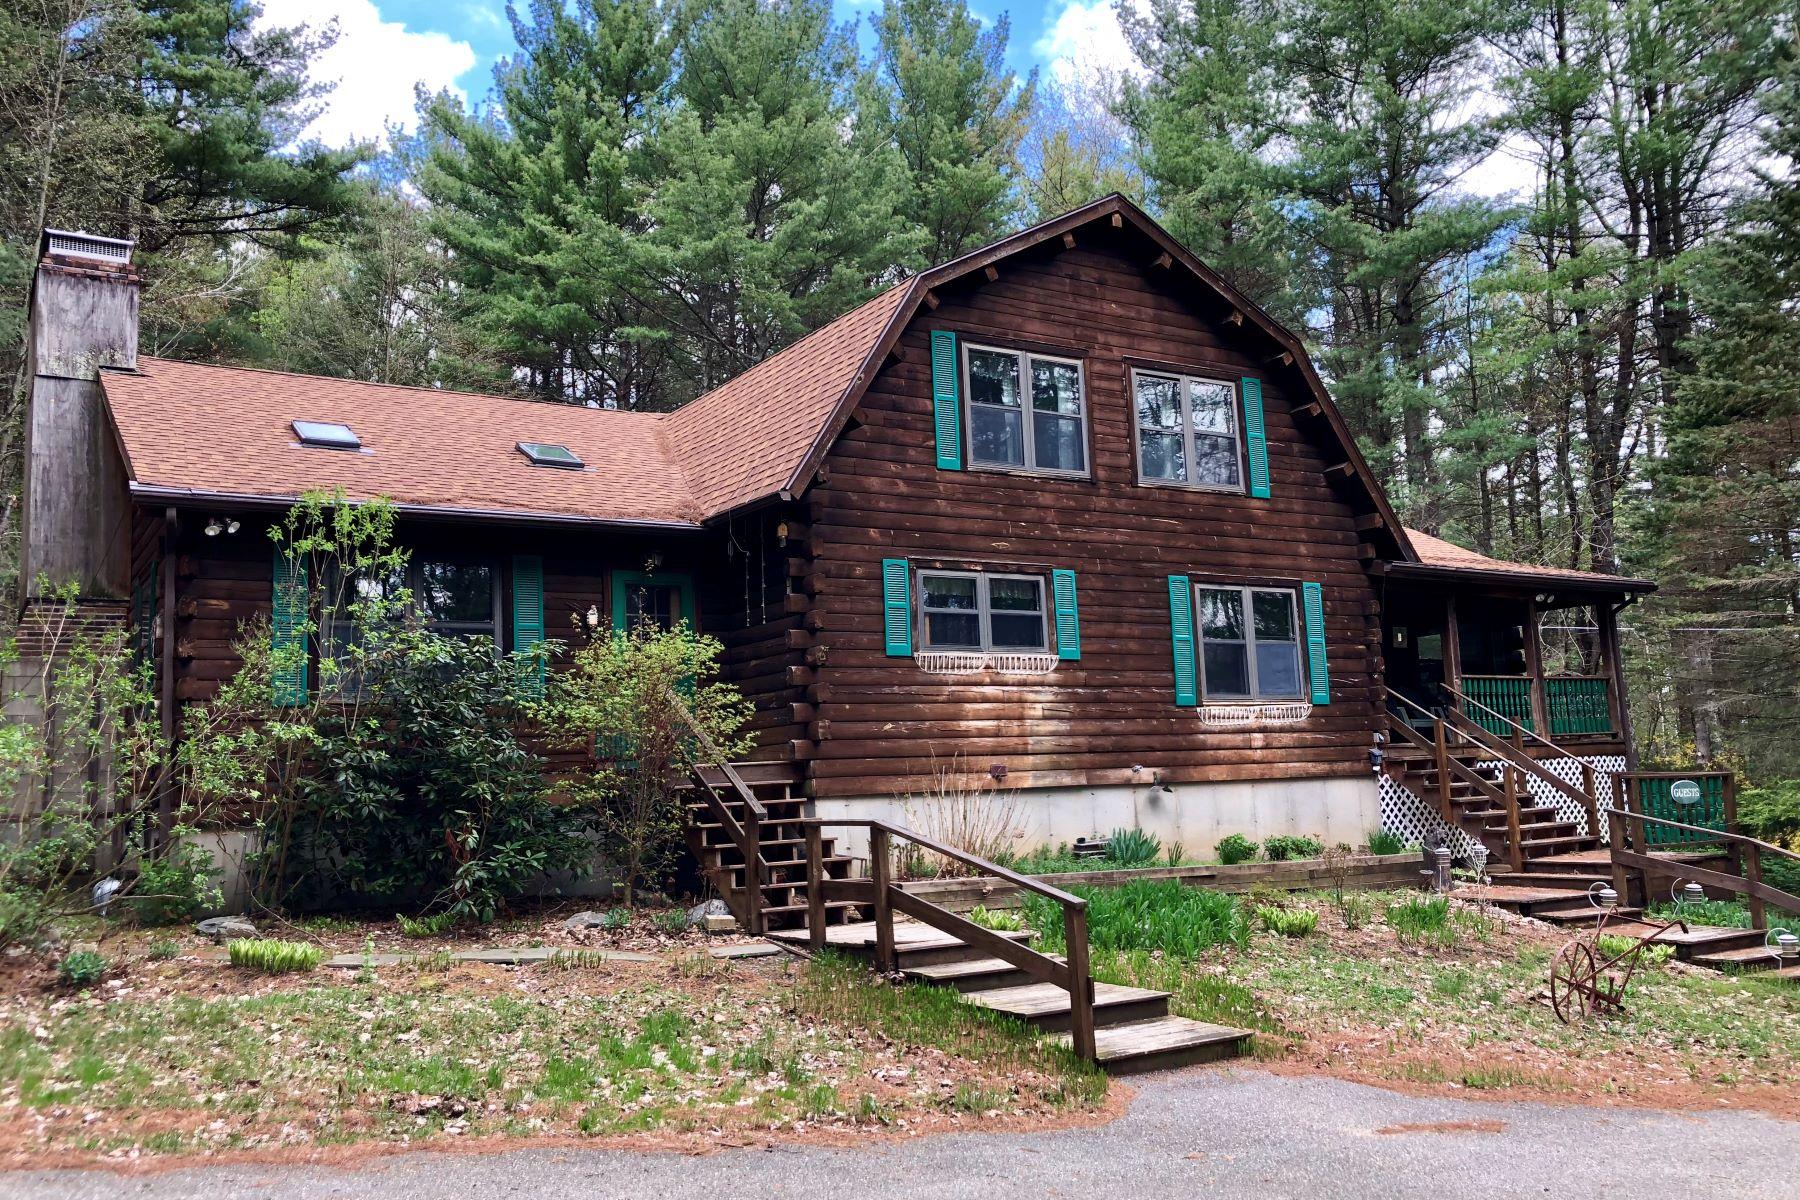 Casa Unifamiliar por un Venta en The Ramblewood Inn 400 South Undermountain Rd Sheffield, Massachusetts 01257 Estados Unidos